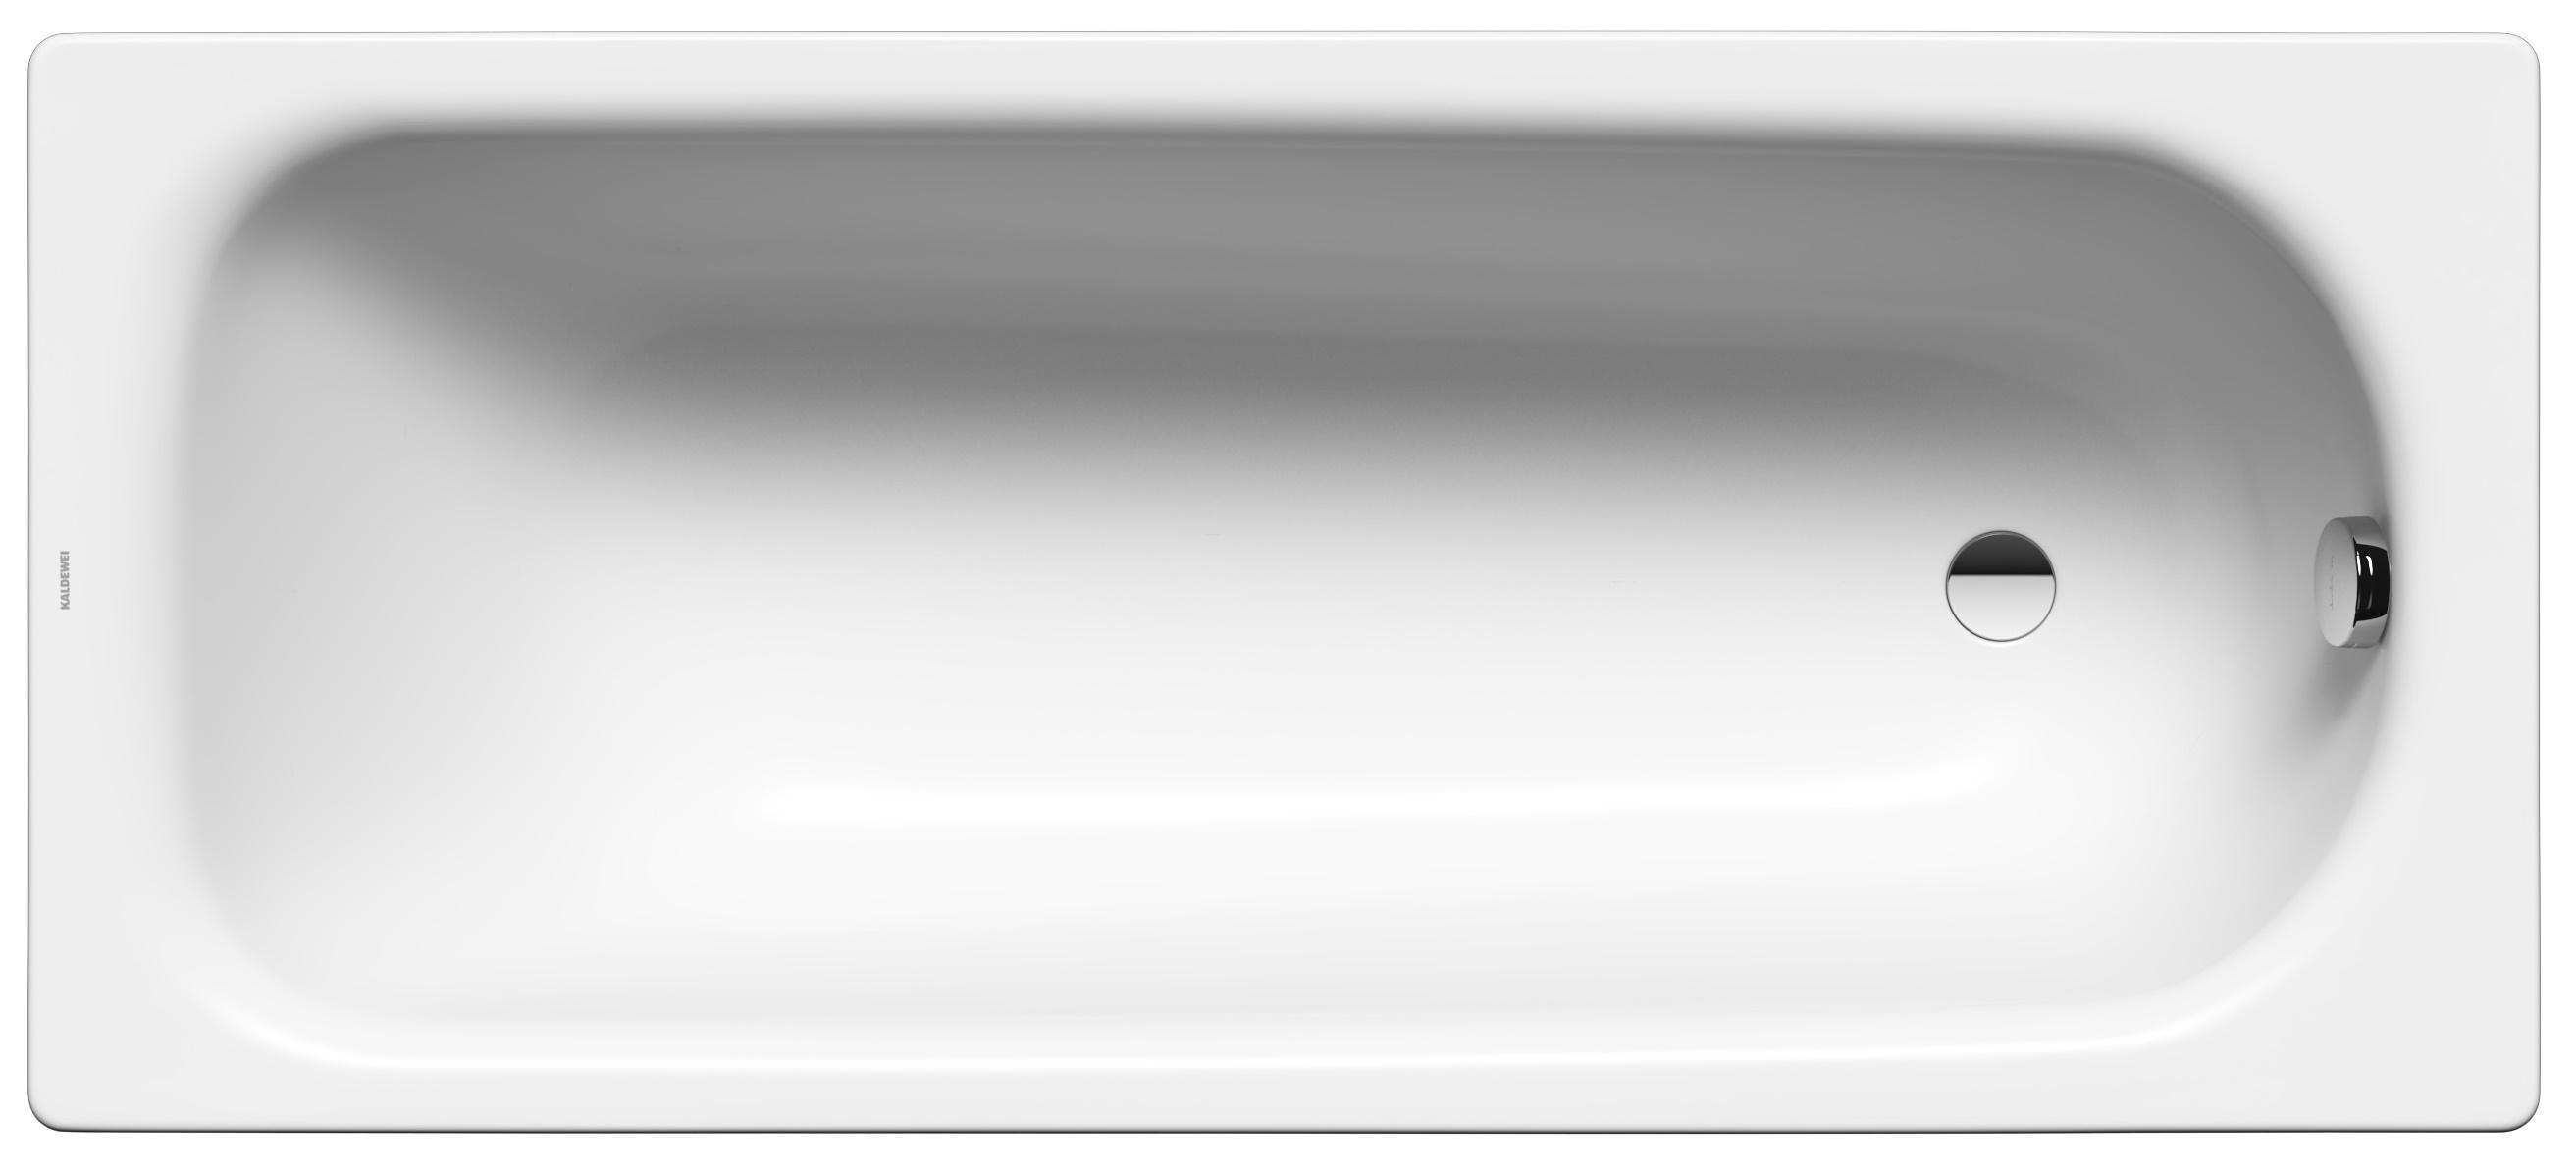 Kaldewei Saniform Plus - ocelová vana obdélníková 170 x 70 x 41 cm 363-1